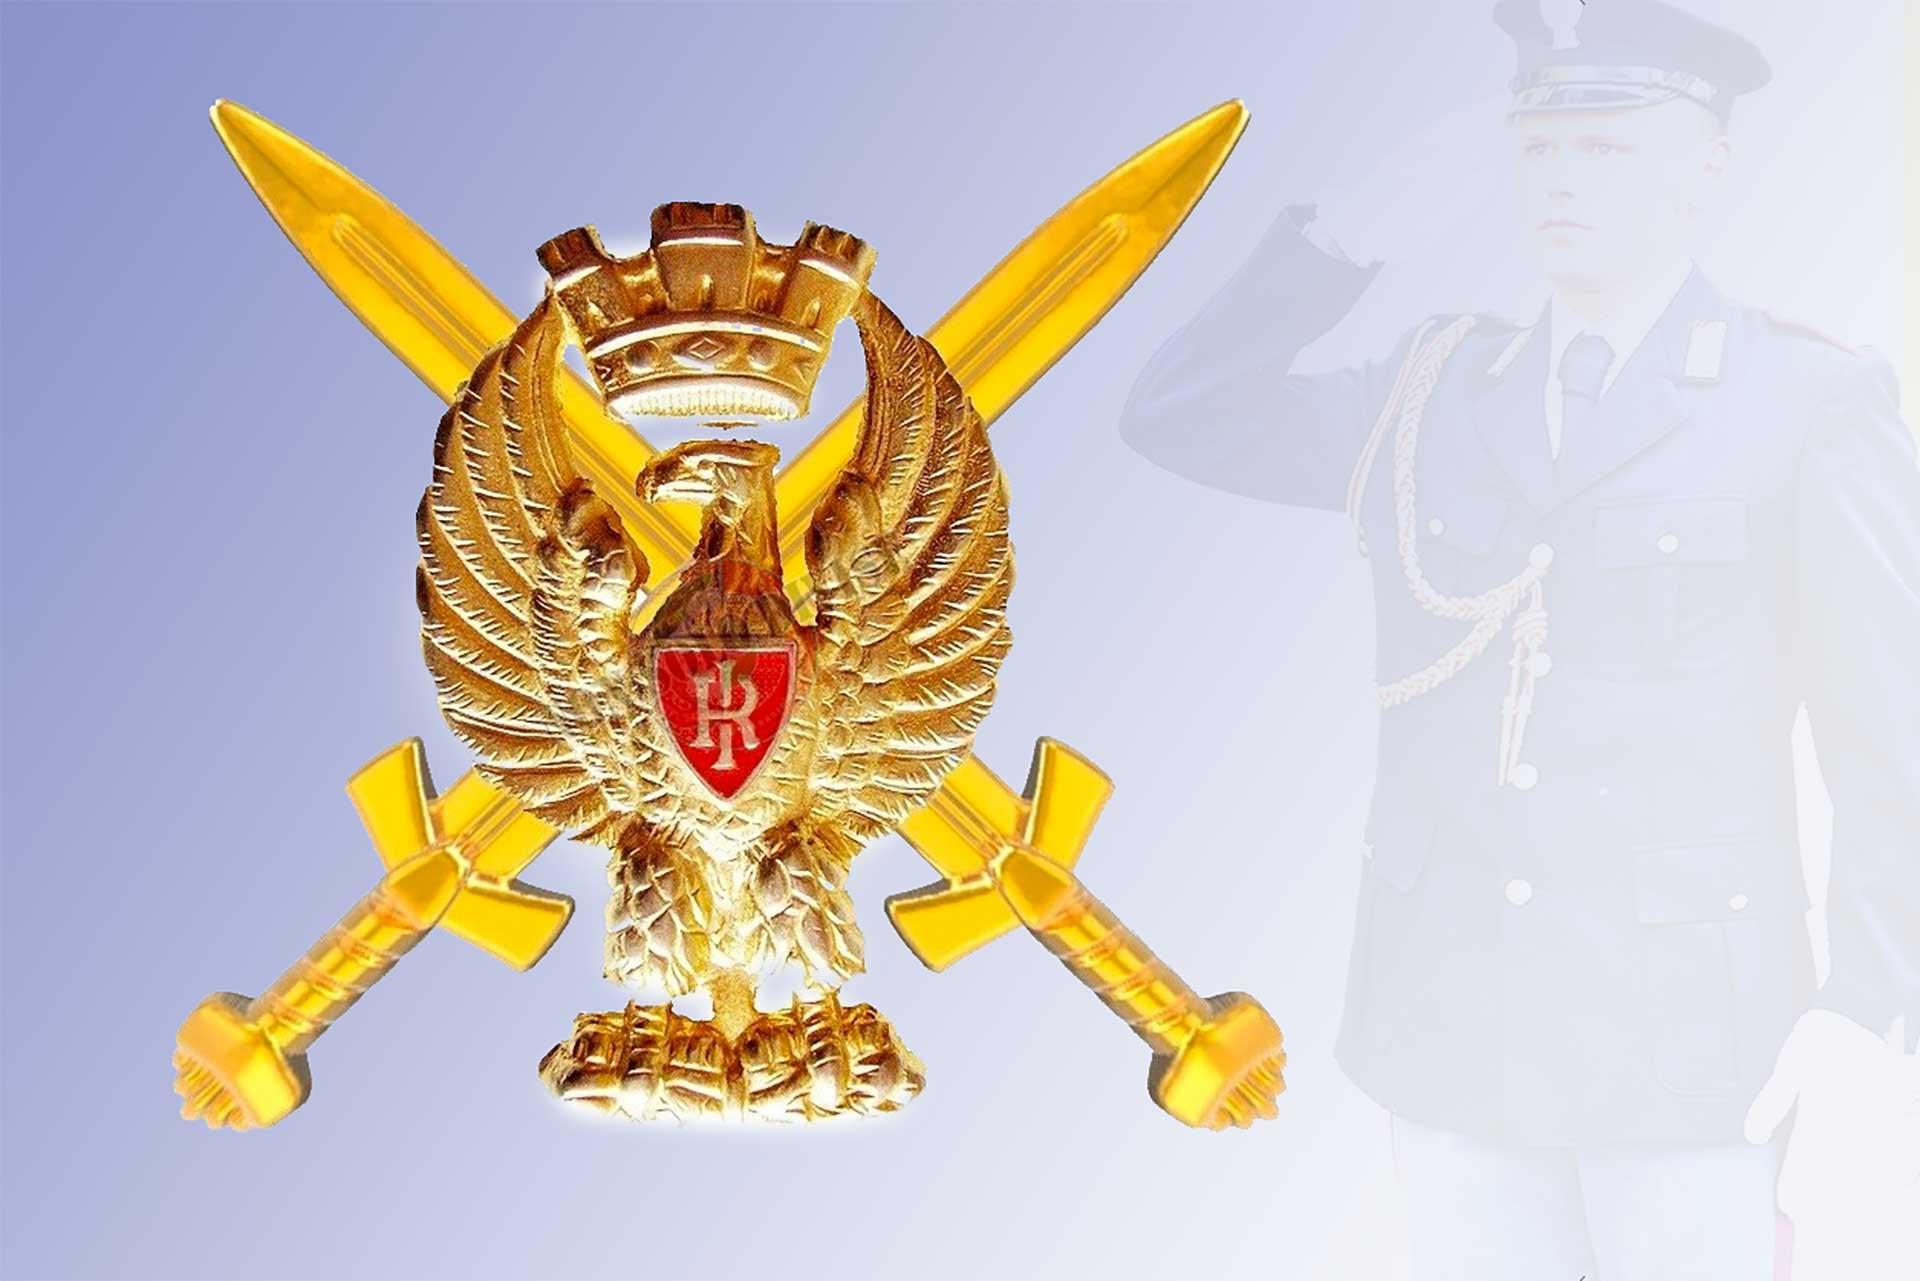 Premi polizia riconoscimenti premiali